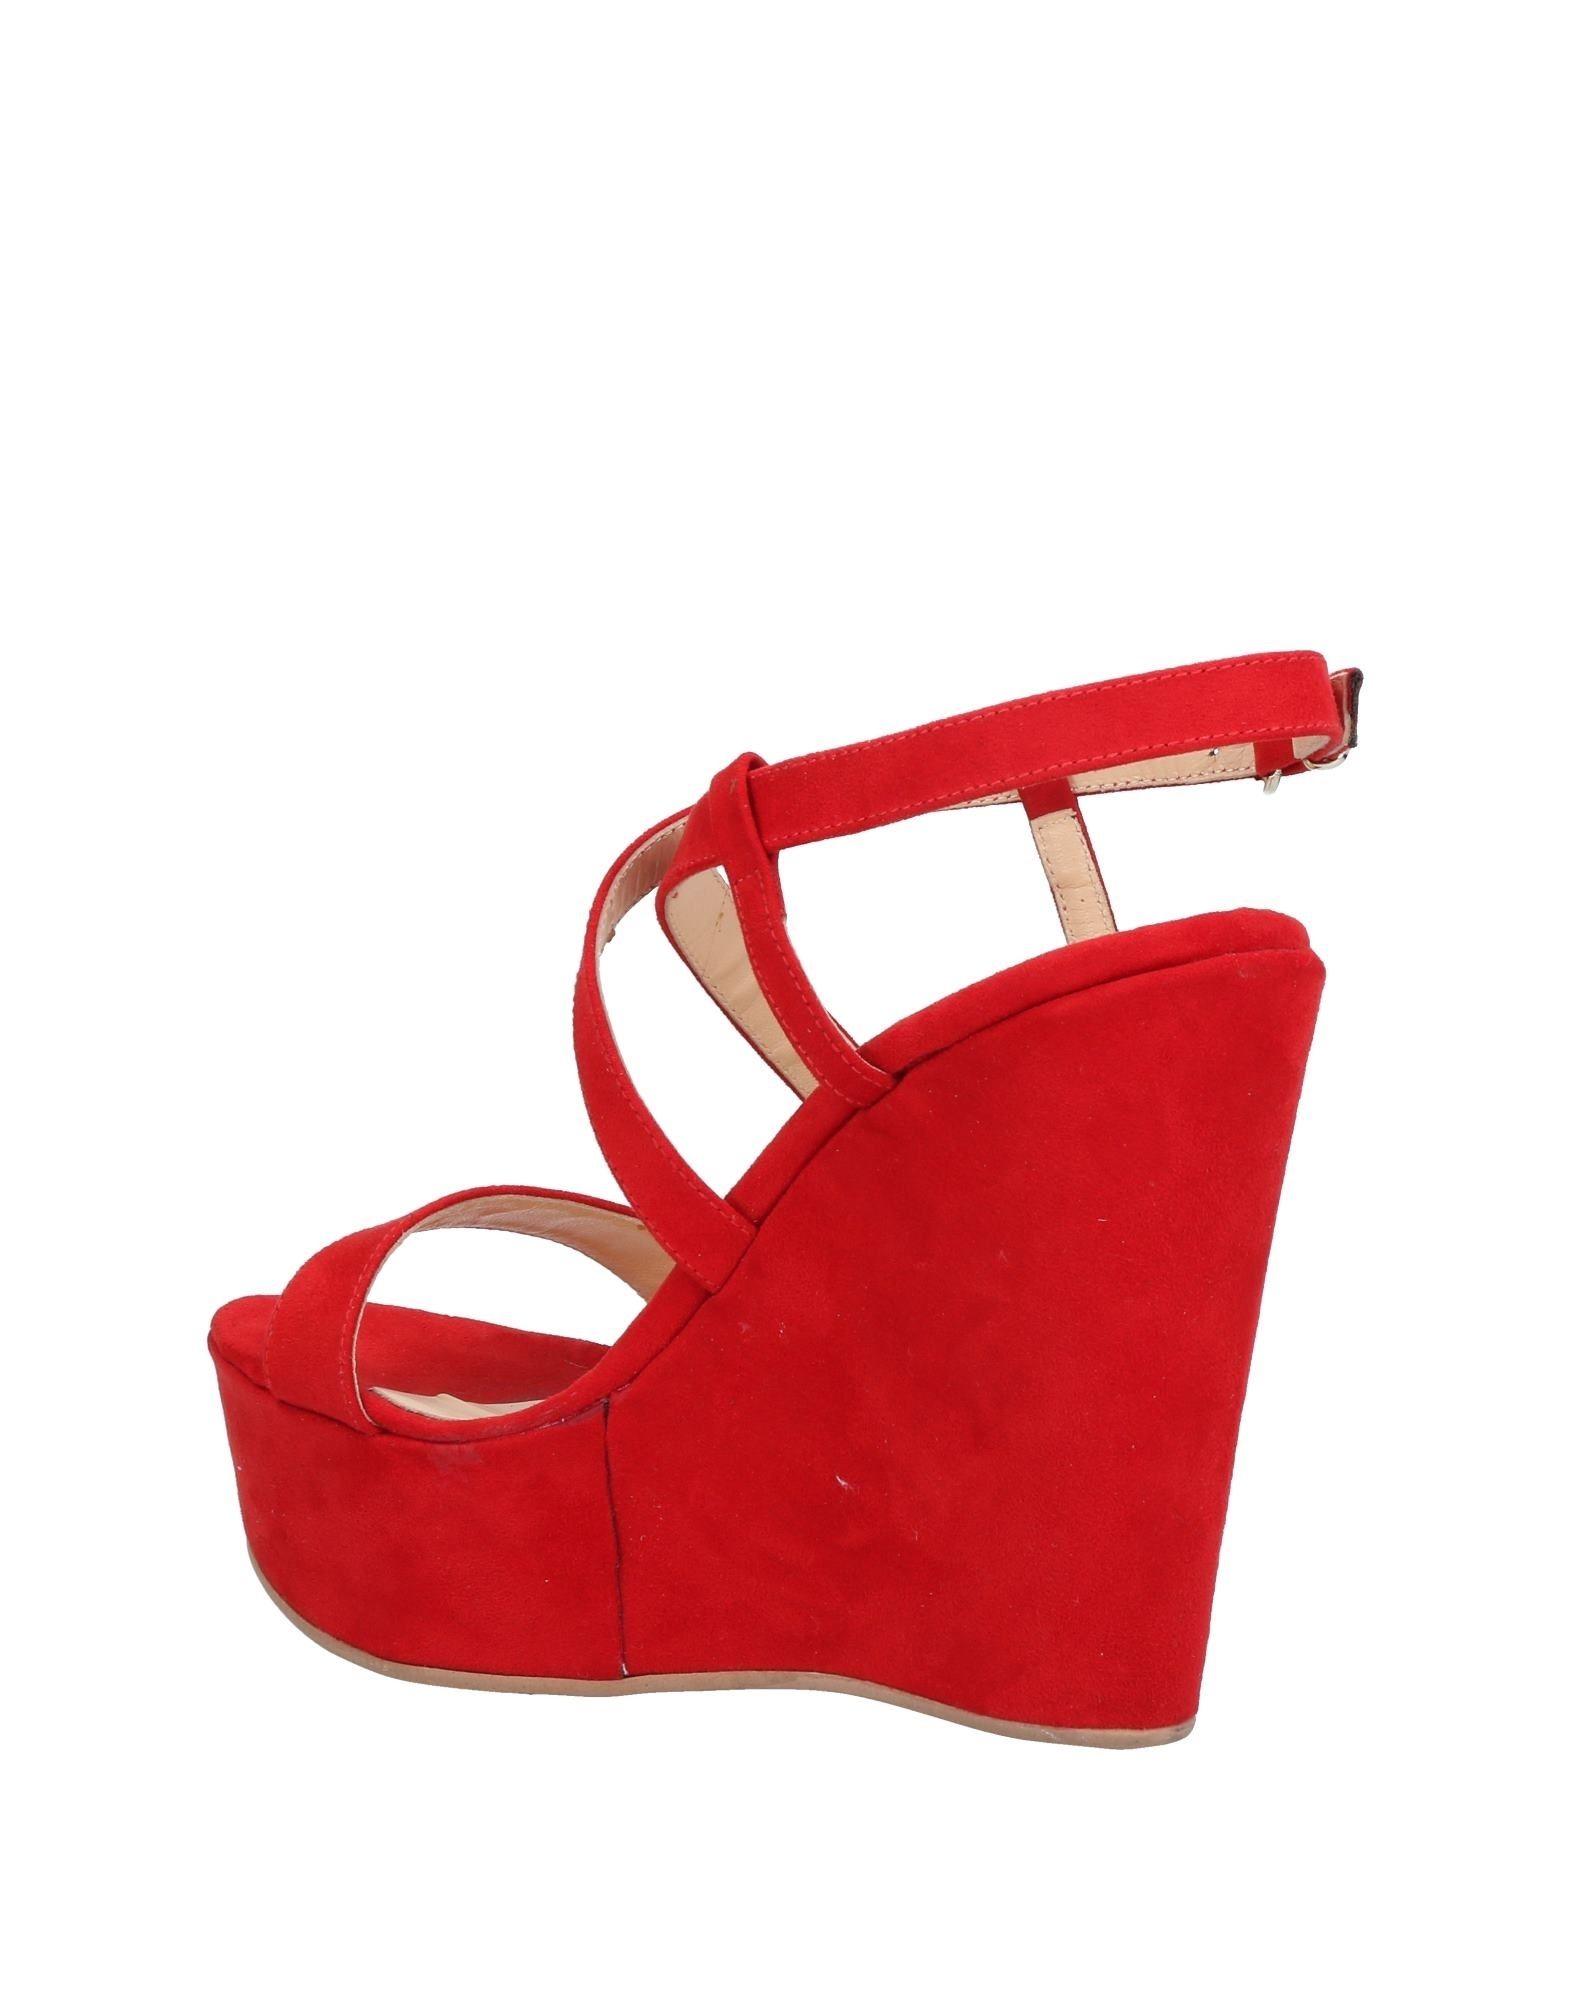 Sandales 8° Vizio Femme - Sandales 8° Vizio sur